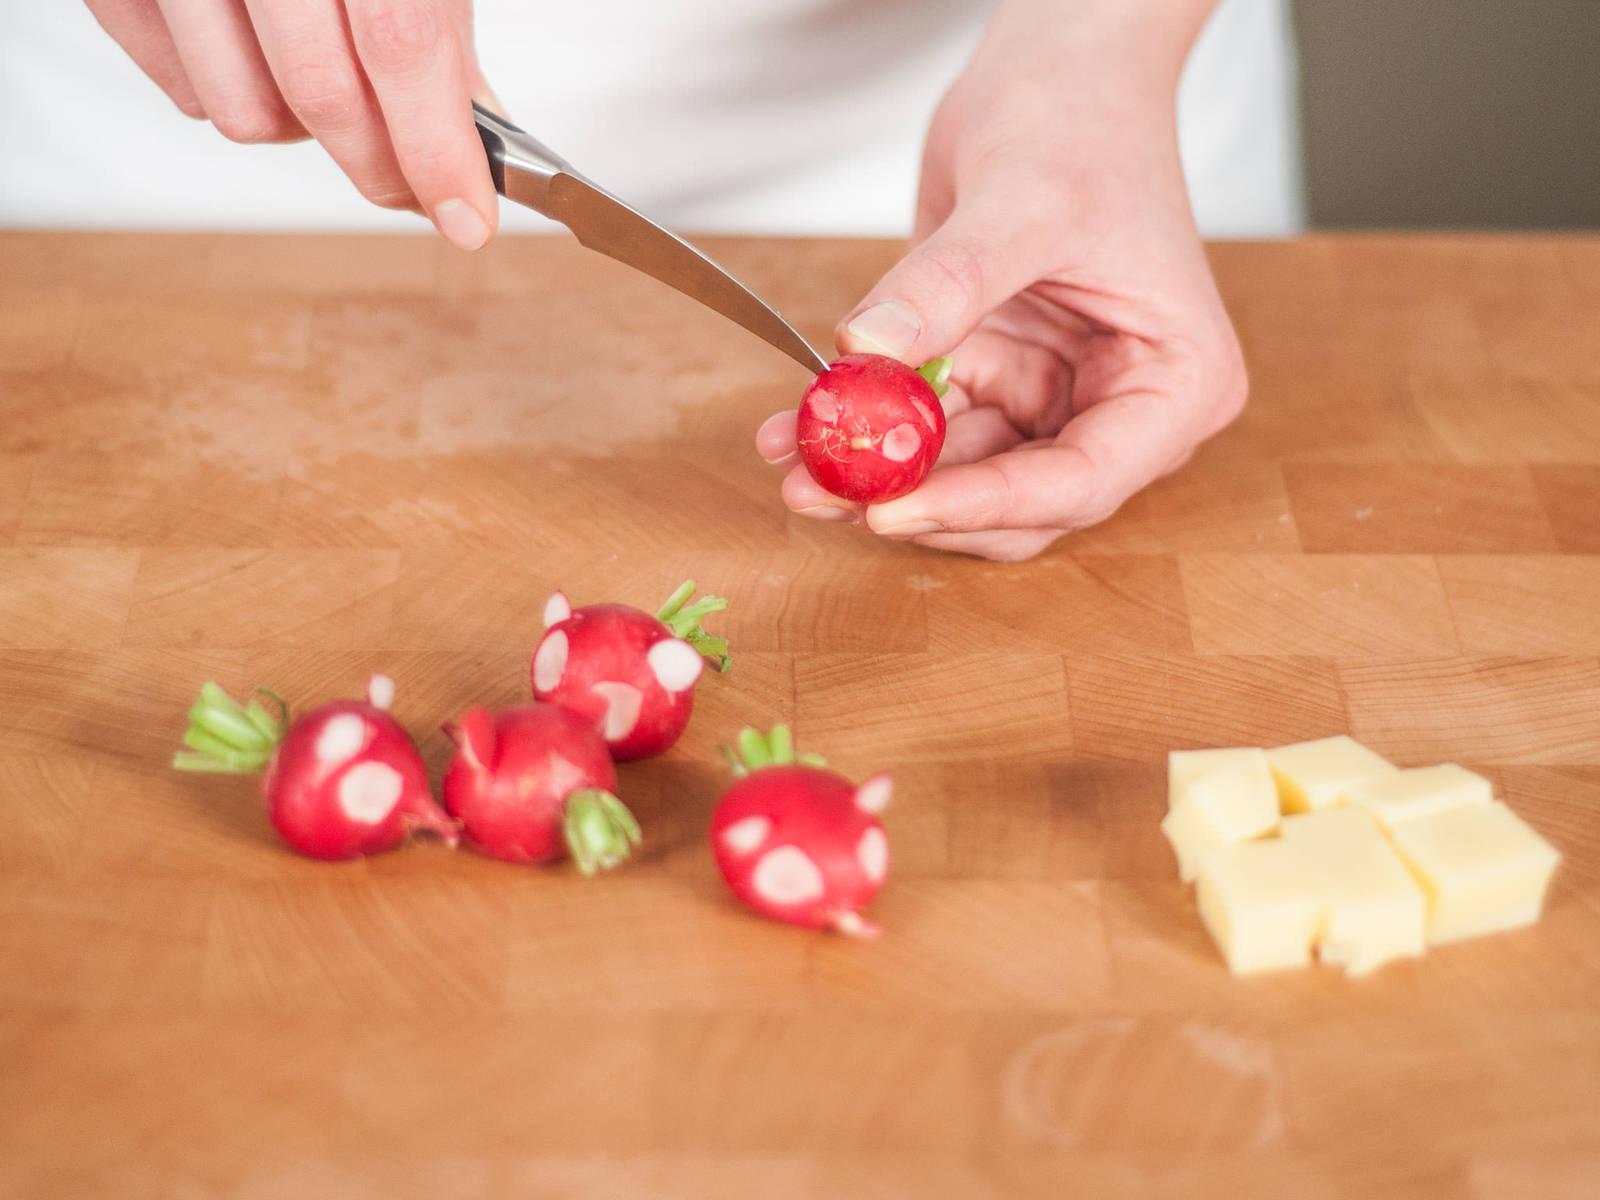 奶酪切块。樱桃萝卜清洗干净即可,无需去蒂,以便做出小老鼠造型。借助一把锋利的小刀雕出眼睛部分,在眼睛上方划出两道缝隙,将雕刻眼睛时切下的萝卜分别插在两道缝隙中,做成耳朵。